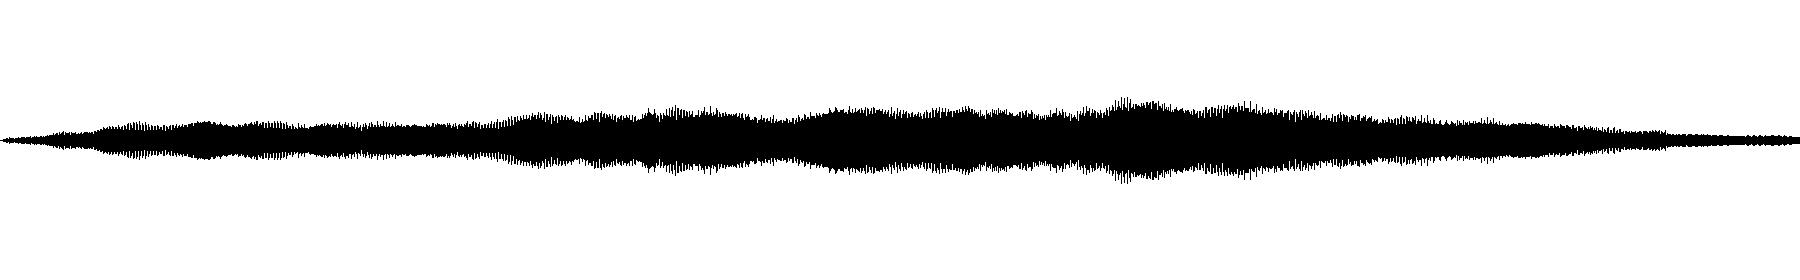 271312 random chord wav